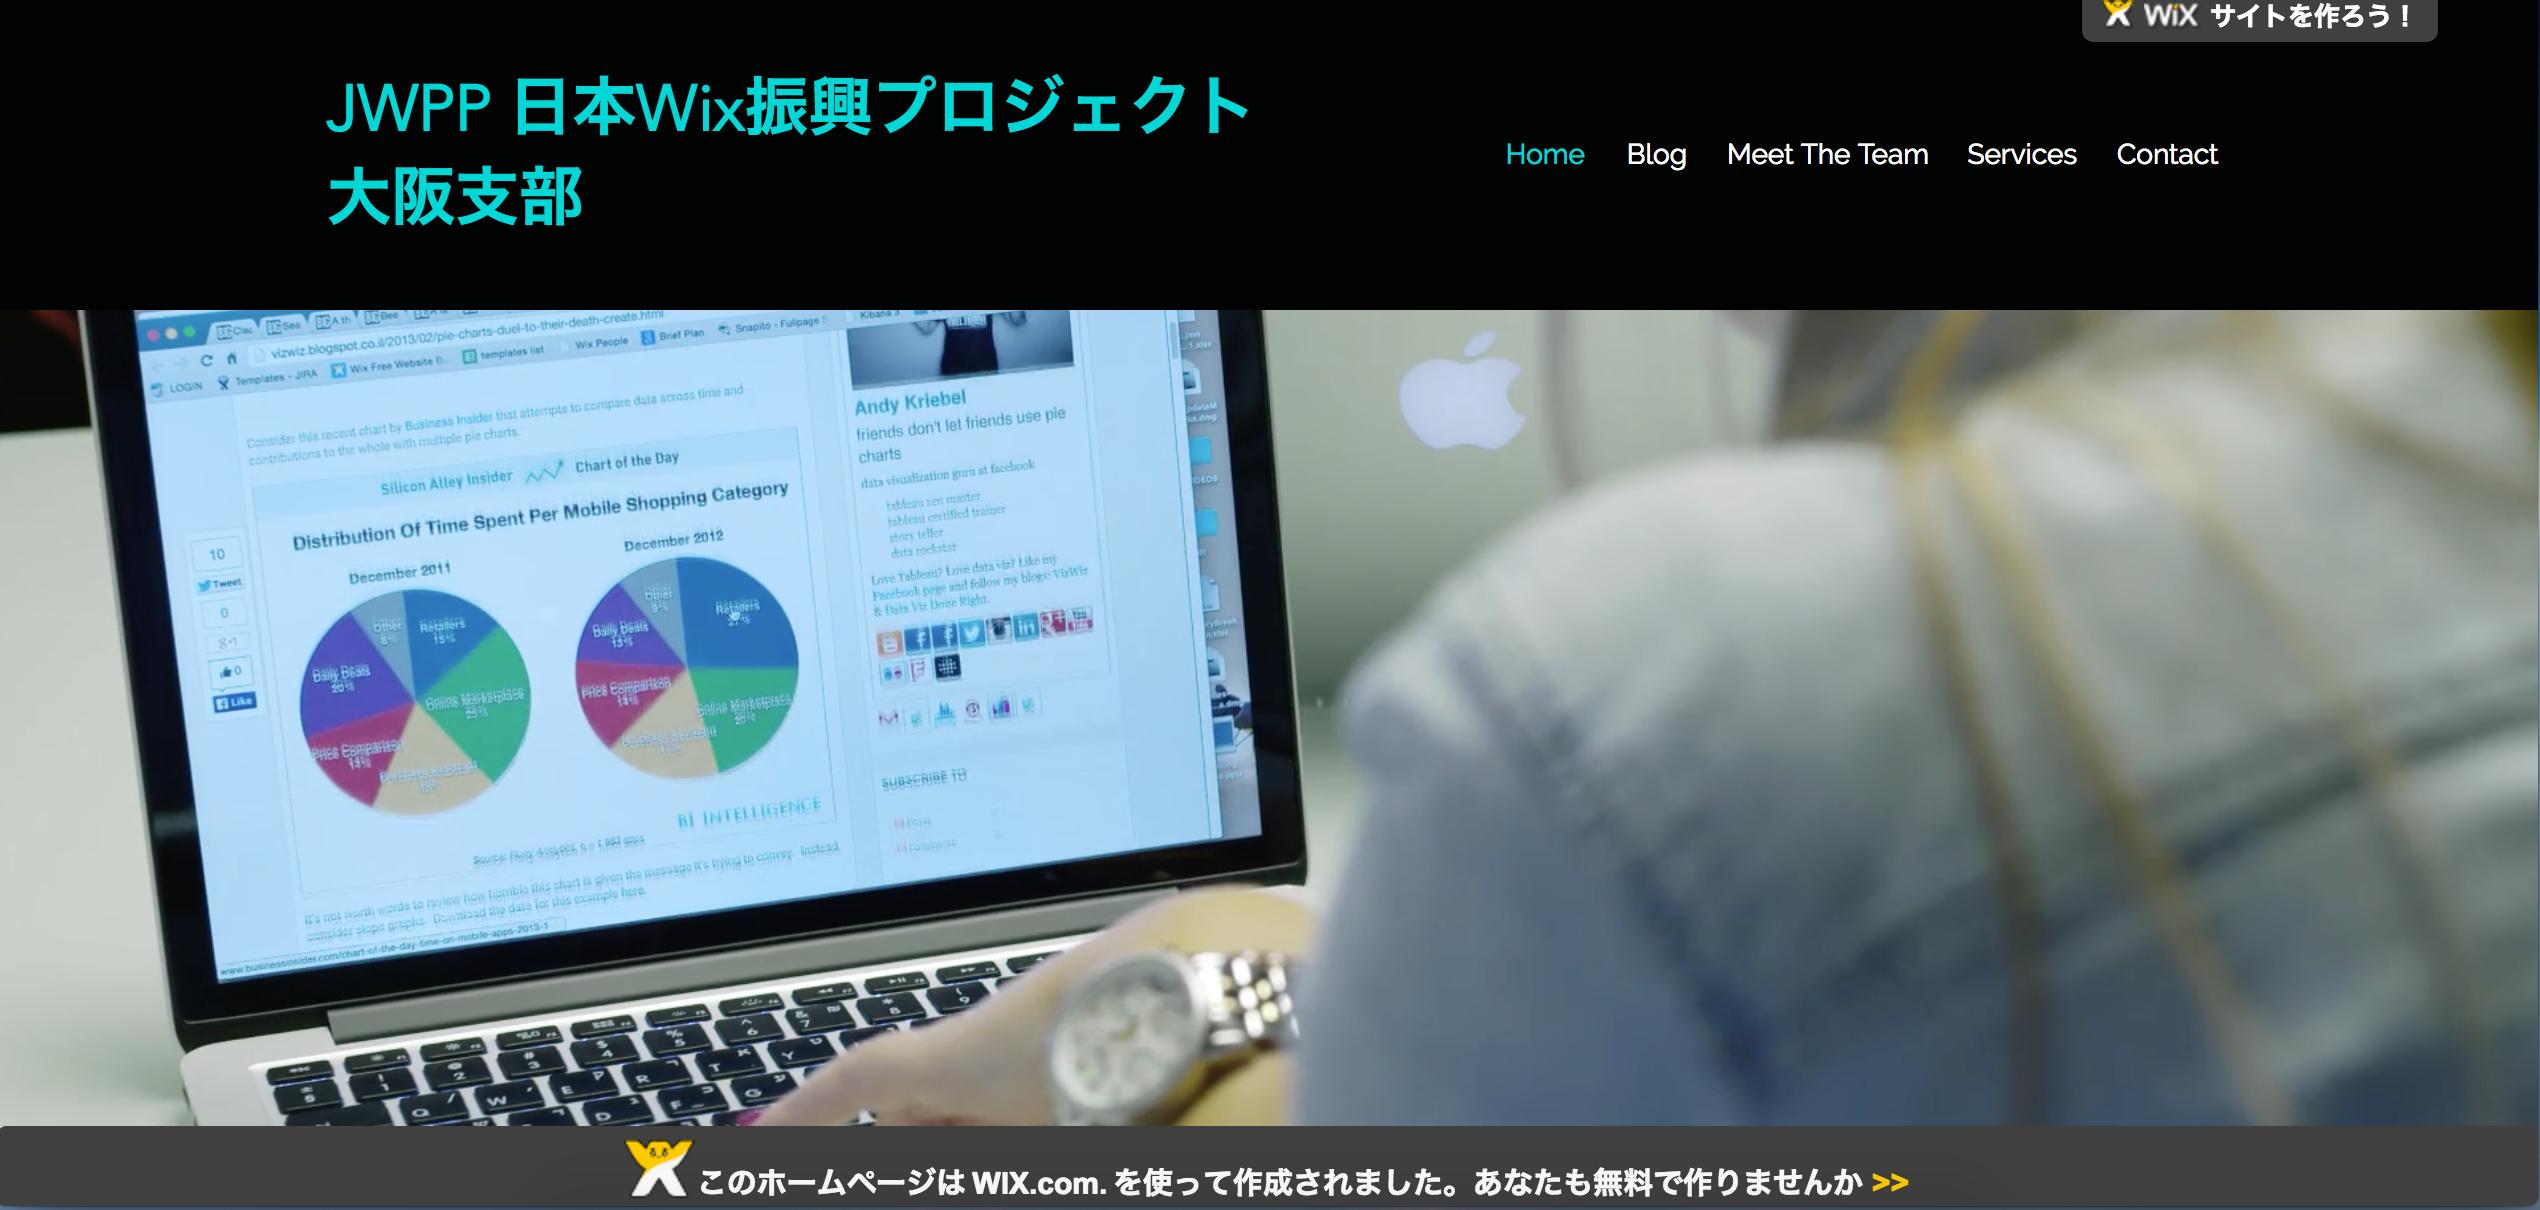 JWPP 日本Wix振興プロジェクト 大阪支部